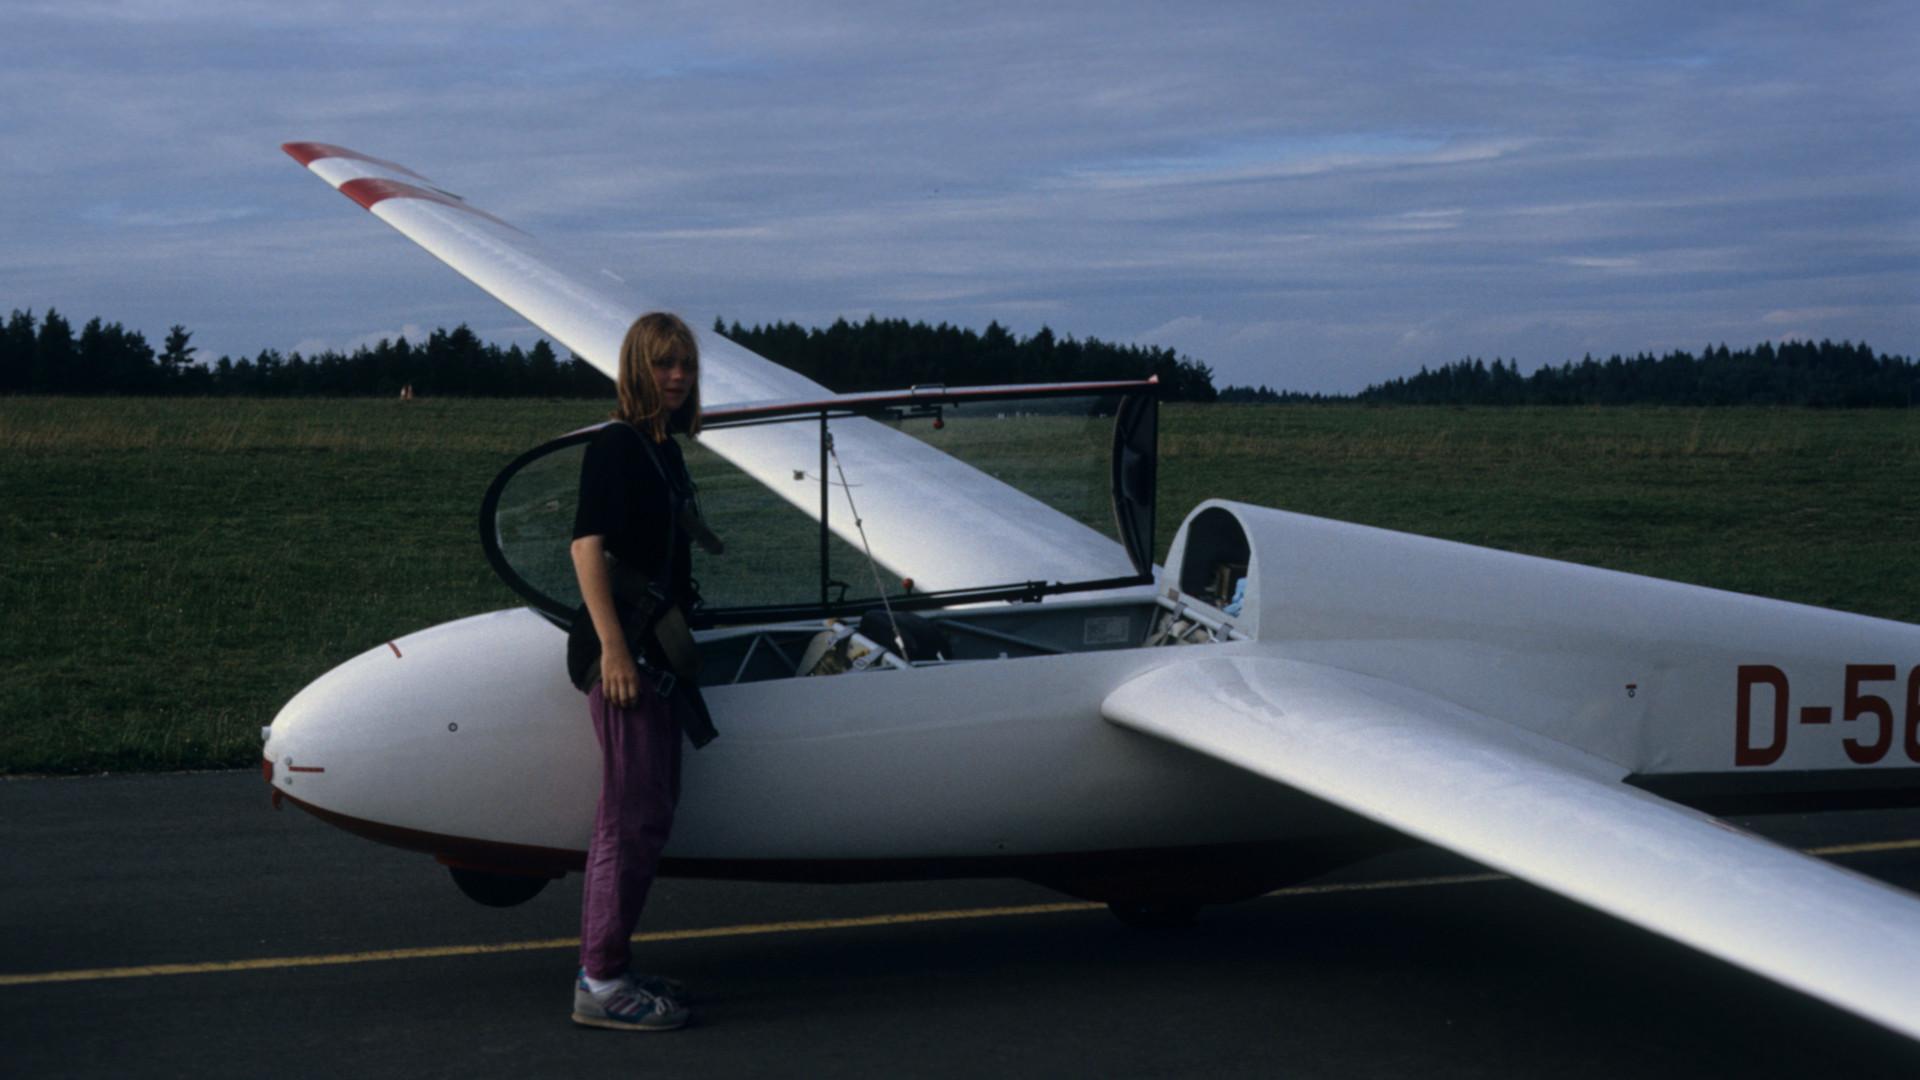 Segelflugschulung Anfang der 1990er am Feuerstein © Hartmut Christ